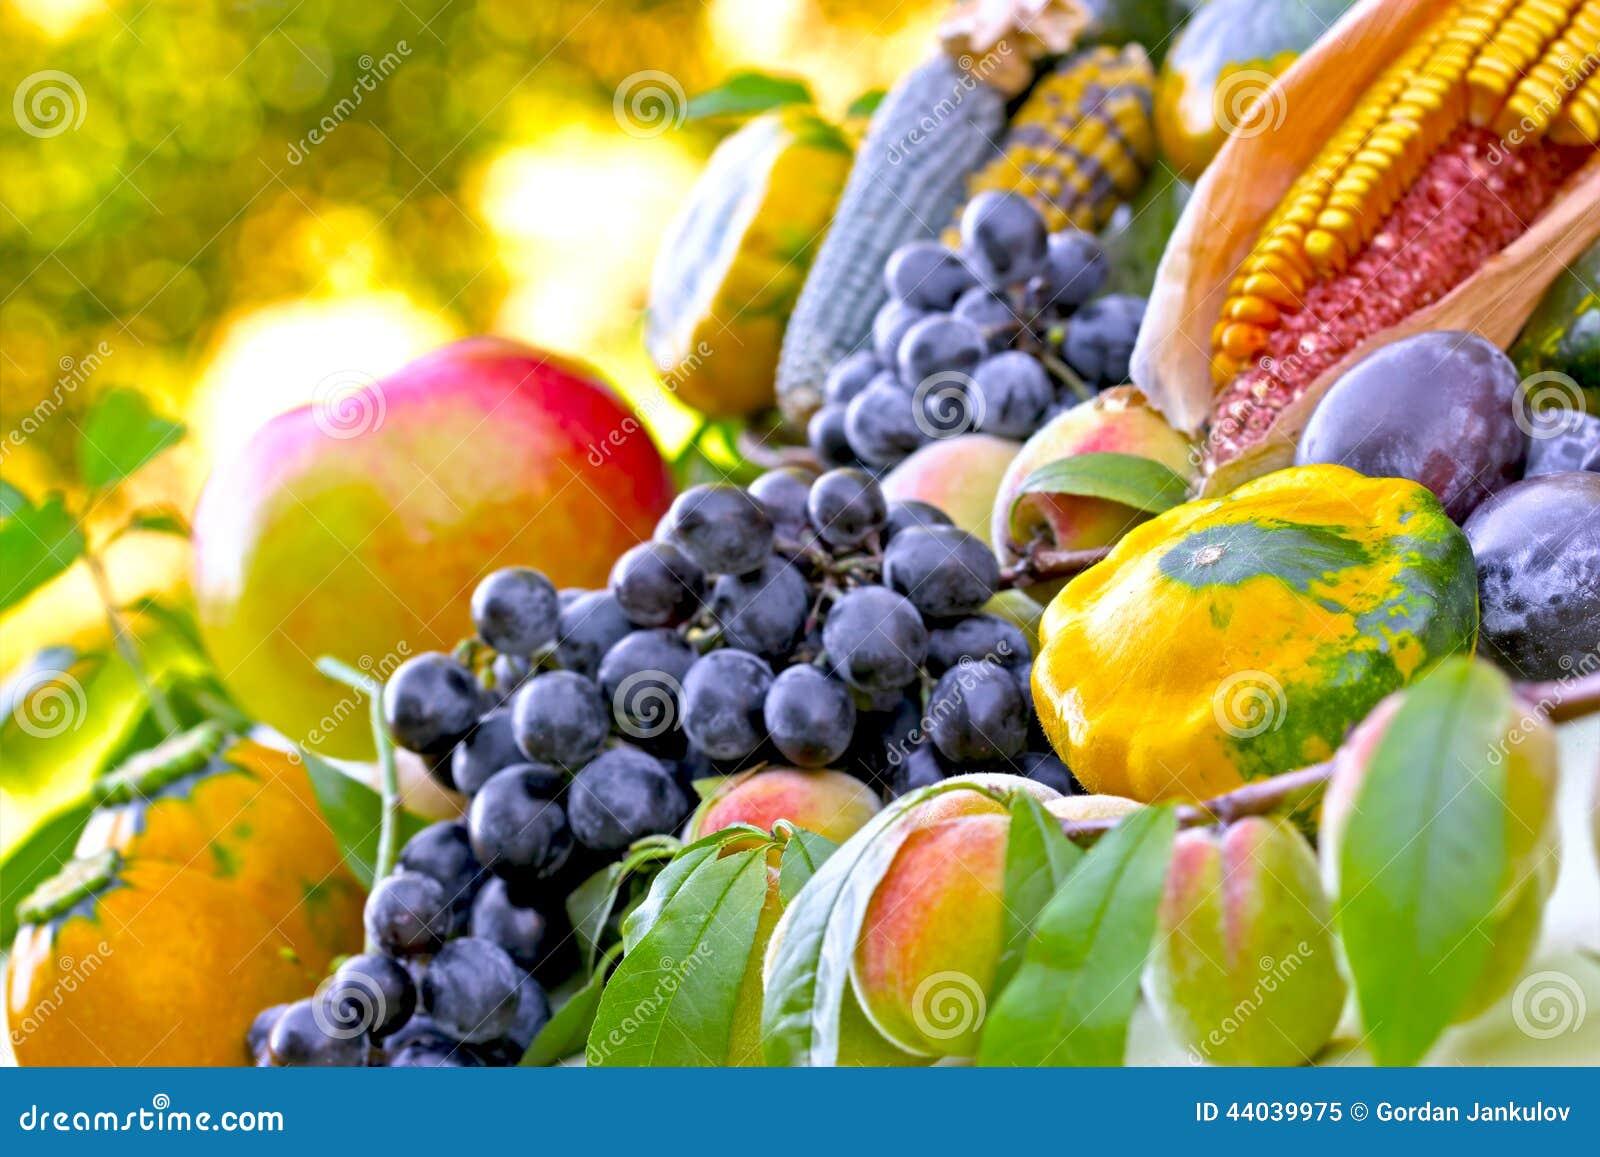 Herbsternte Obst Und Gemuse Stockbild Bild Von Essen Familie